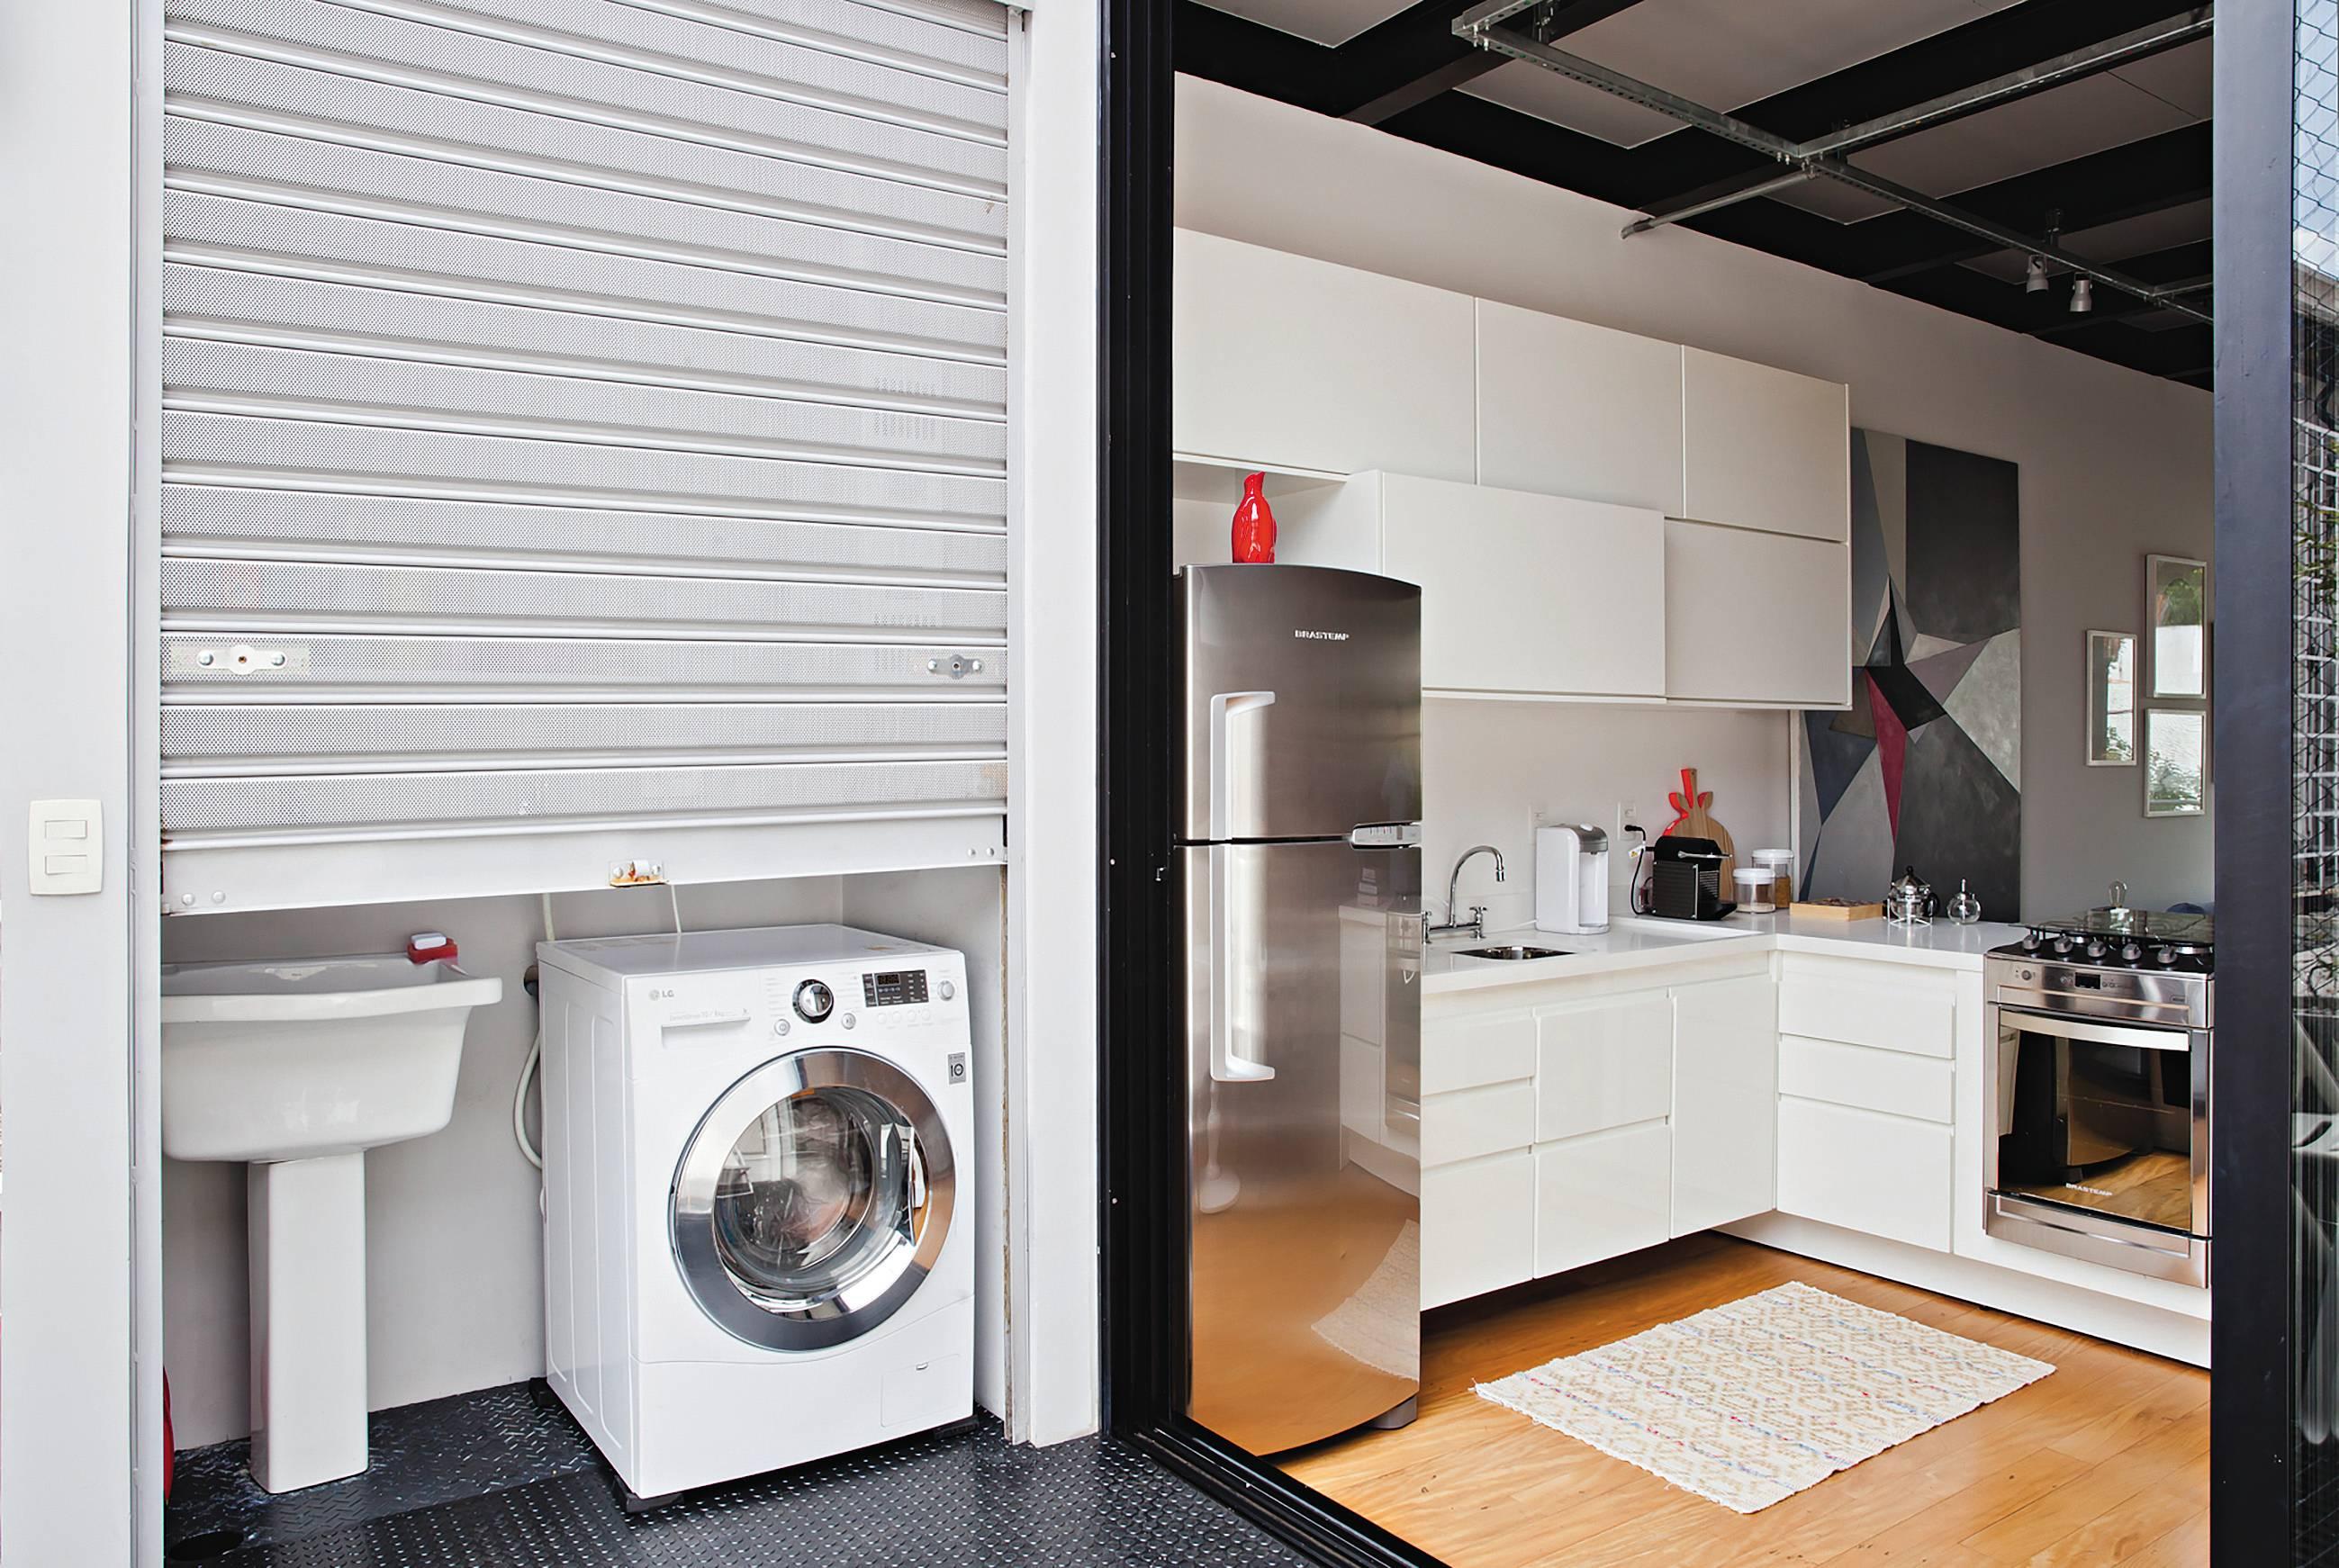 Nessa residência compacta projetada pelo SuperLimão Studio, uma microlavanderia fica escondida atrás de um portão horizontal que funciona como um armário e pode ser completamente fechado. Foto: Maíra Acayaba